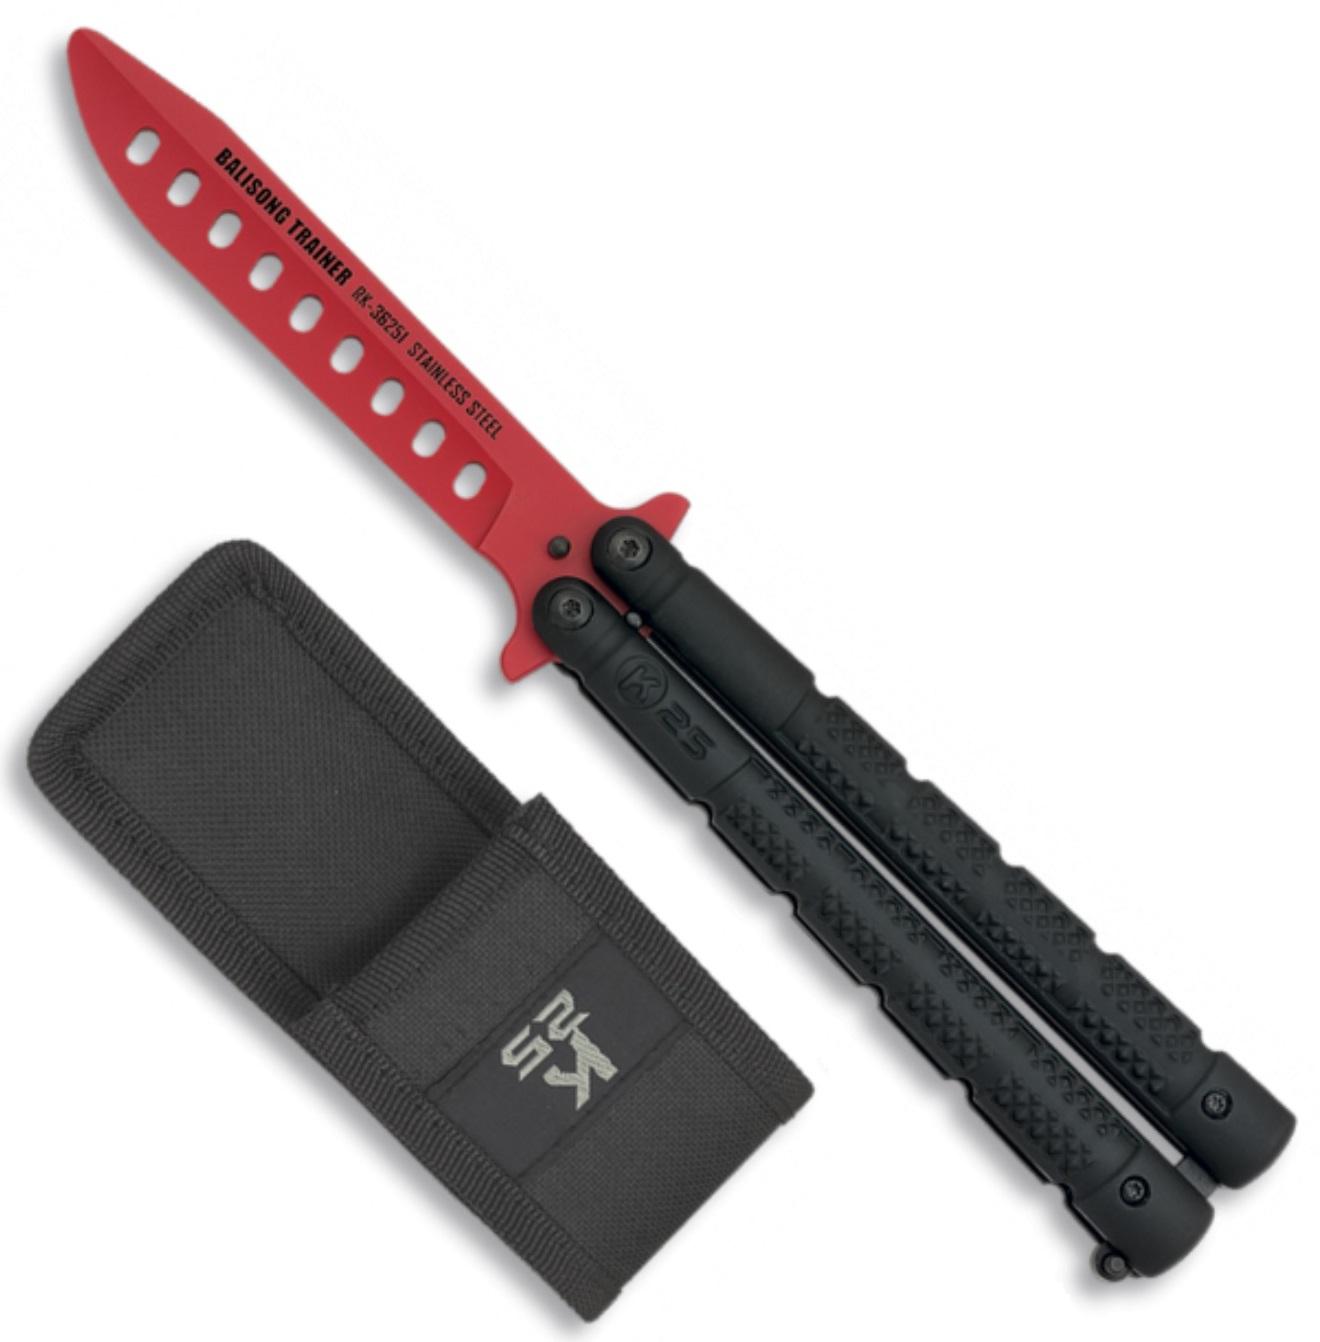 Balisong couteau papillon 22,5cm - Entrainement titane K25